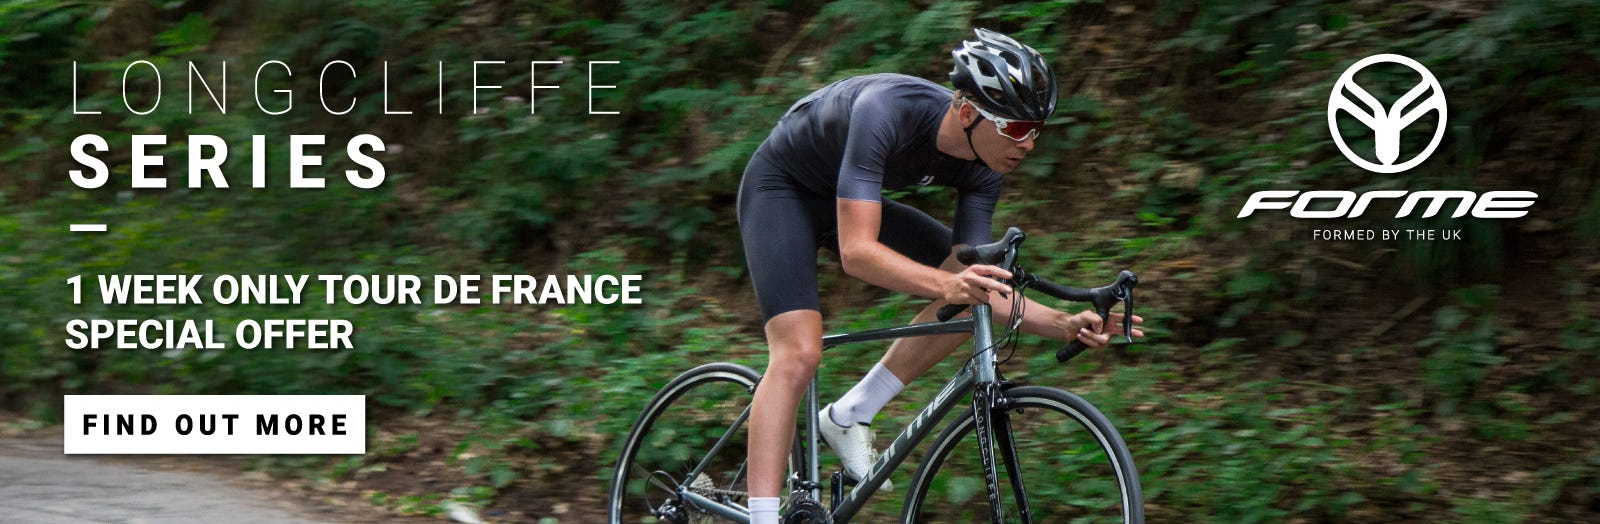 Longcliffe Tour De France Offer